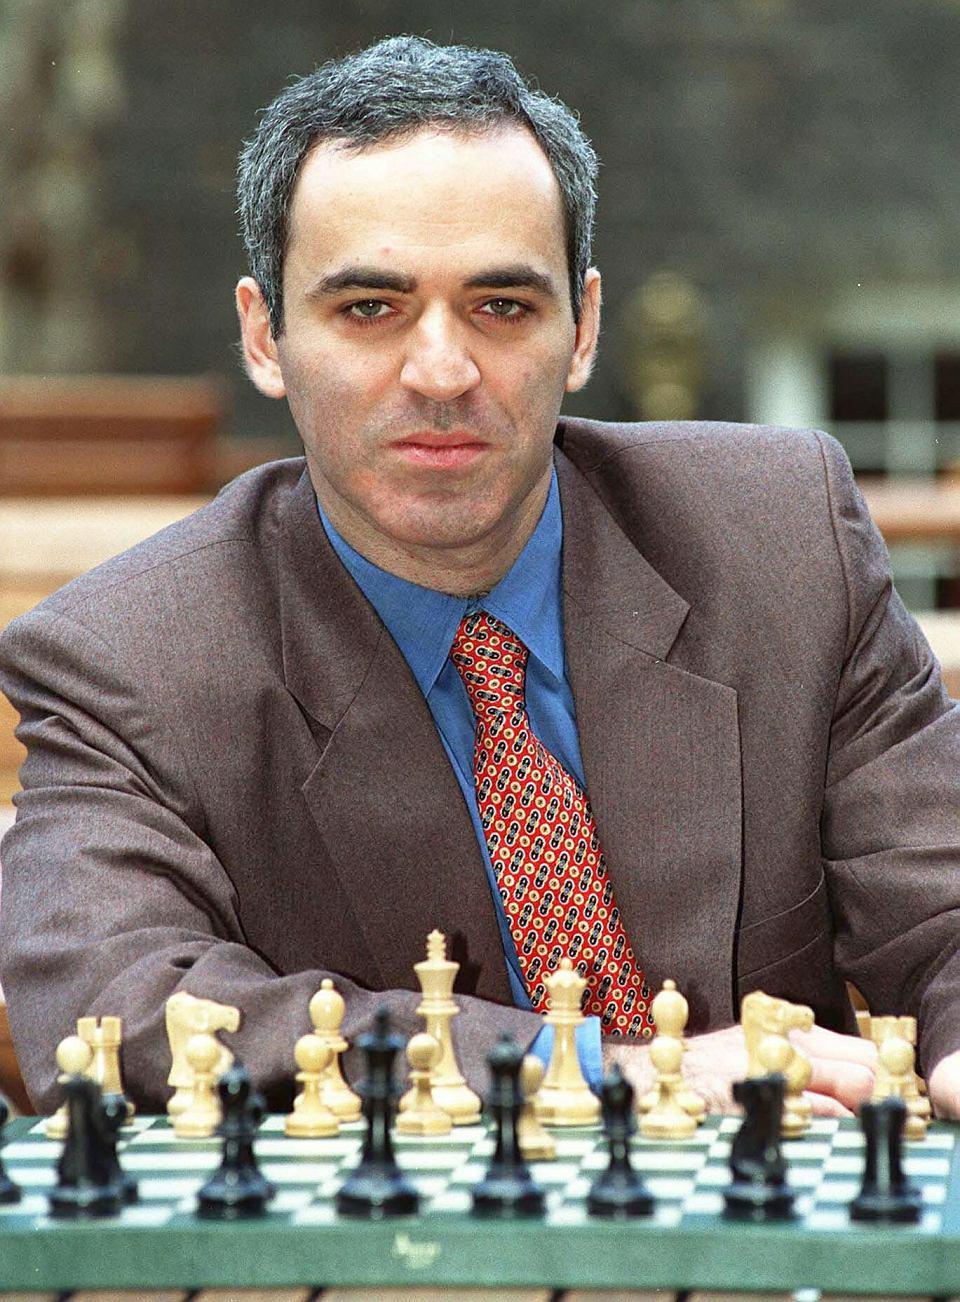 MASZYNA GÓRĄ. Deep Blue (na kolejnym zdjęciu), komputer, który po raz pierwszy wygrał w szachy z człowiekiem, Garijem Kasparowem (na zdjęciu), miał wielkość szafy. Był rok 1997.